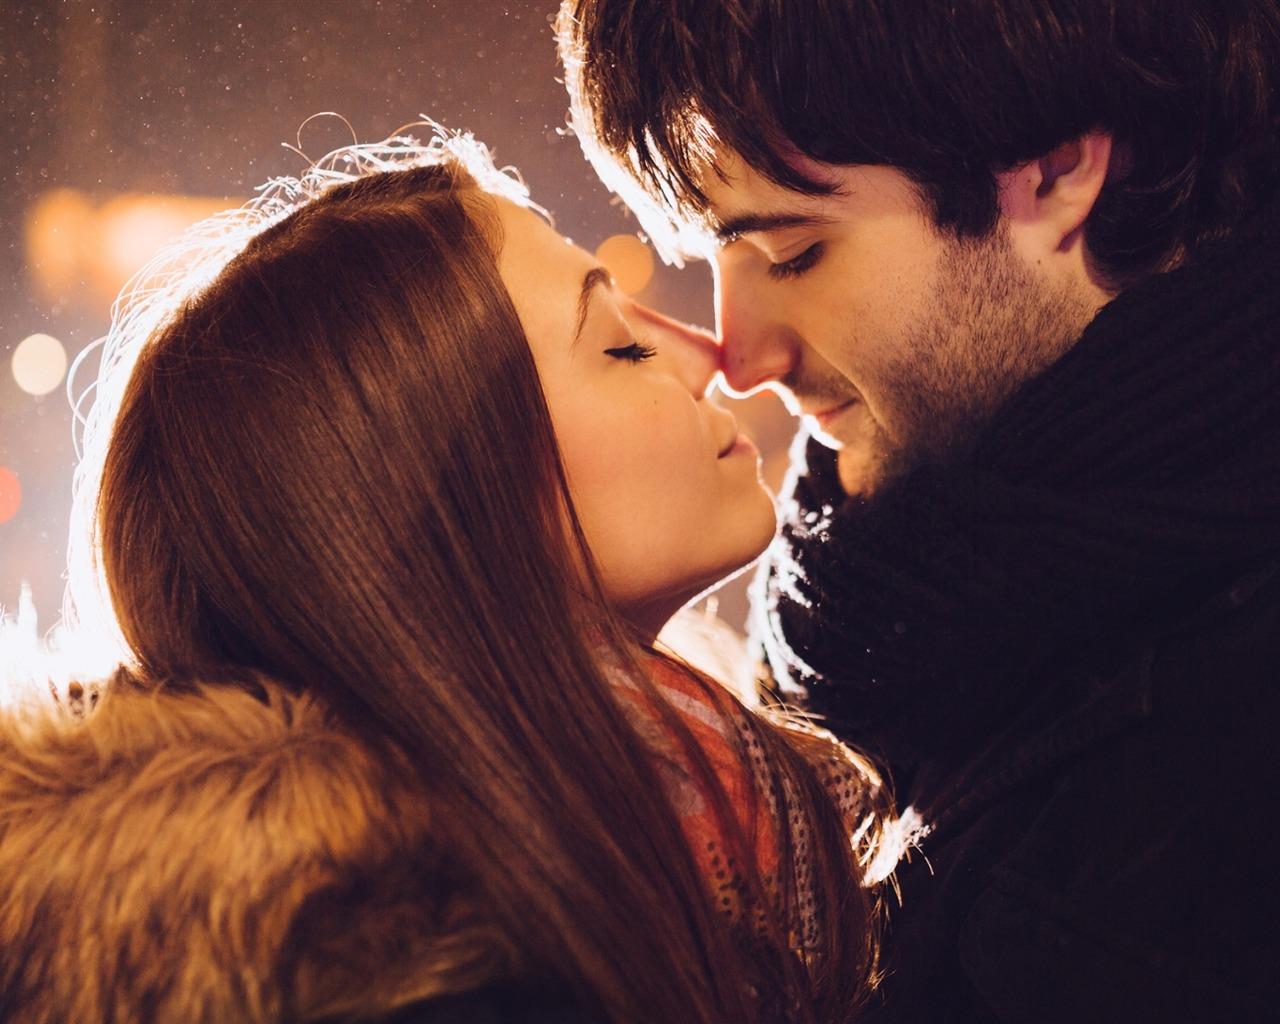 Фото девушек с целующемся парнем